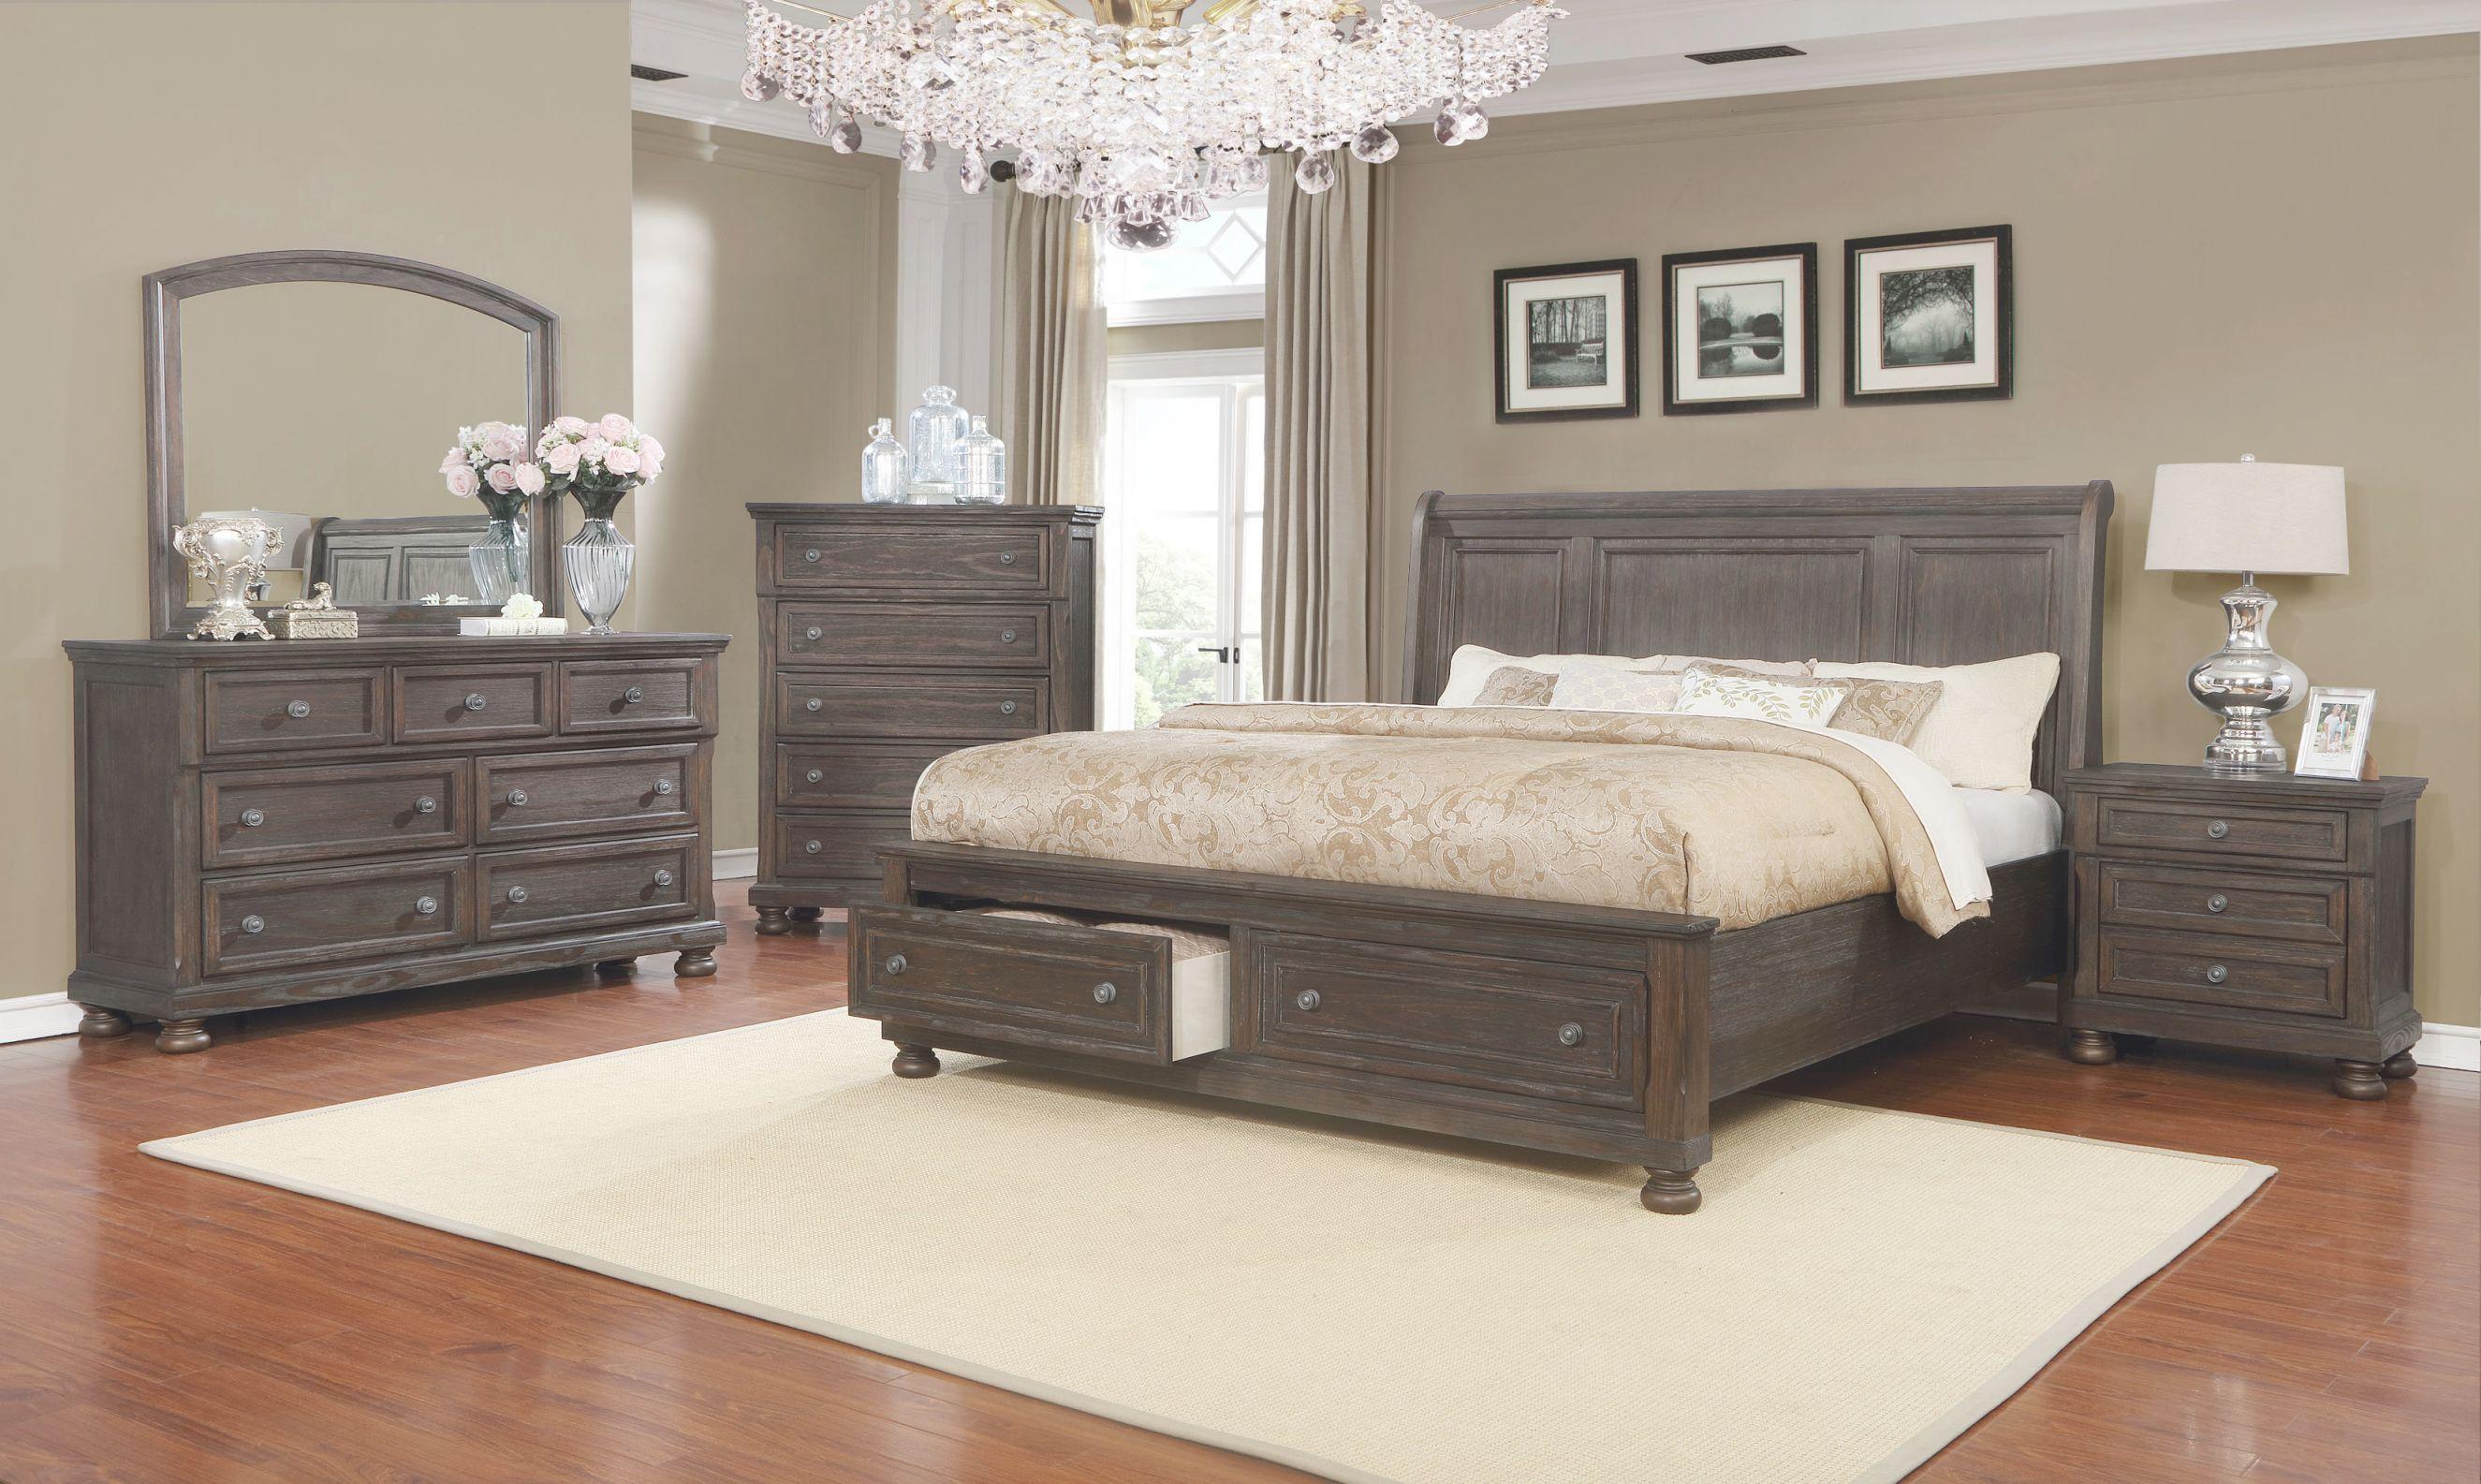 Mapes Queen Sleigh 4 Piece Bedroom Set with regard to Bedroom Set Queen